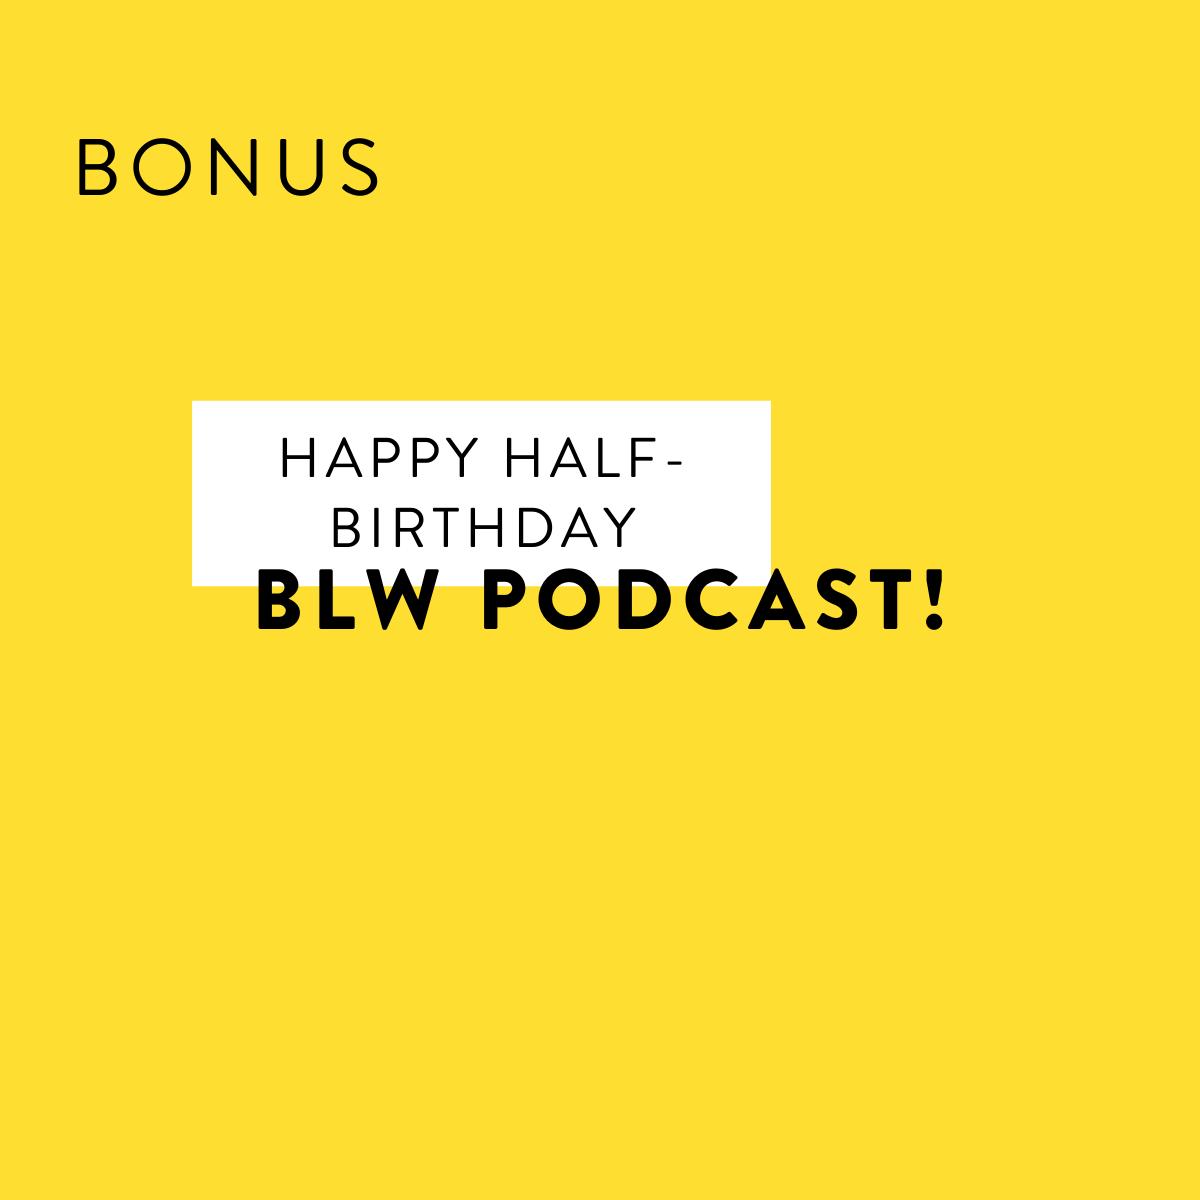 Happy Half-Birthday BLW Podcast!